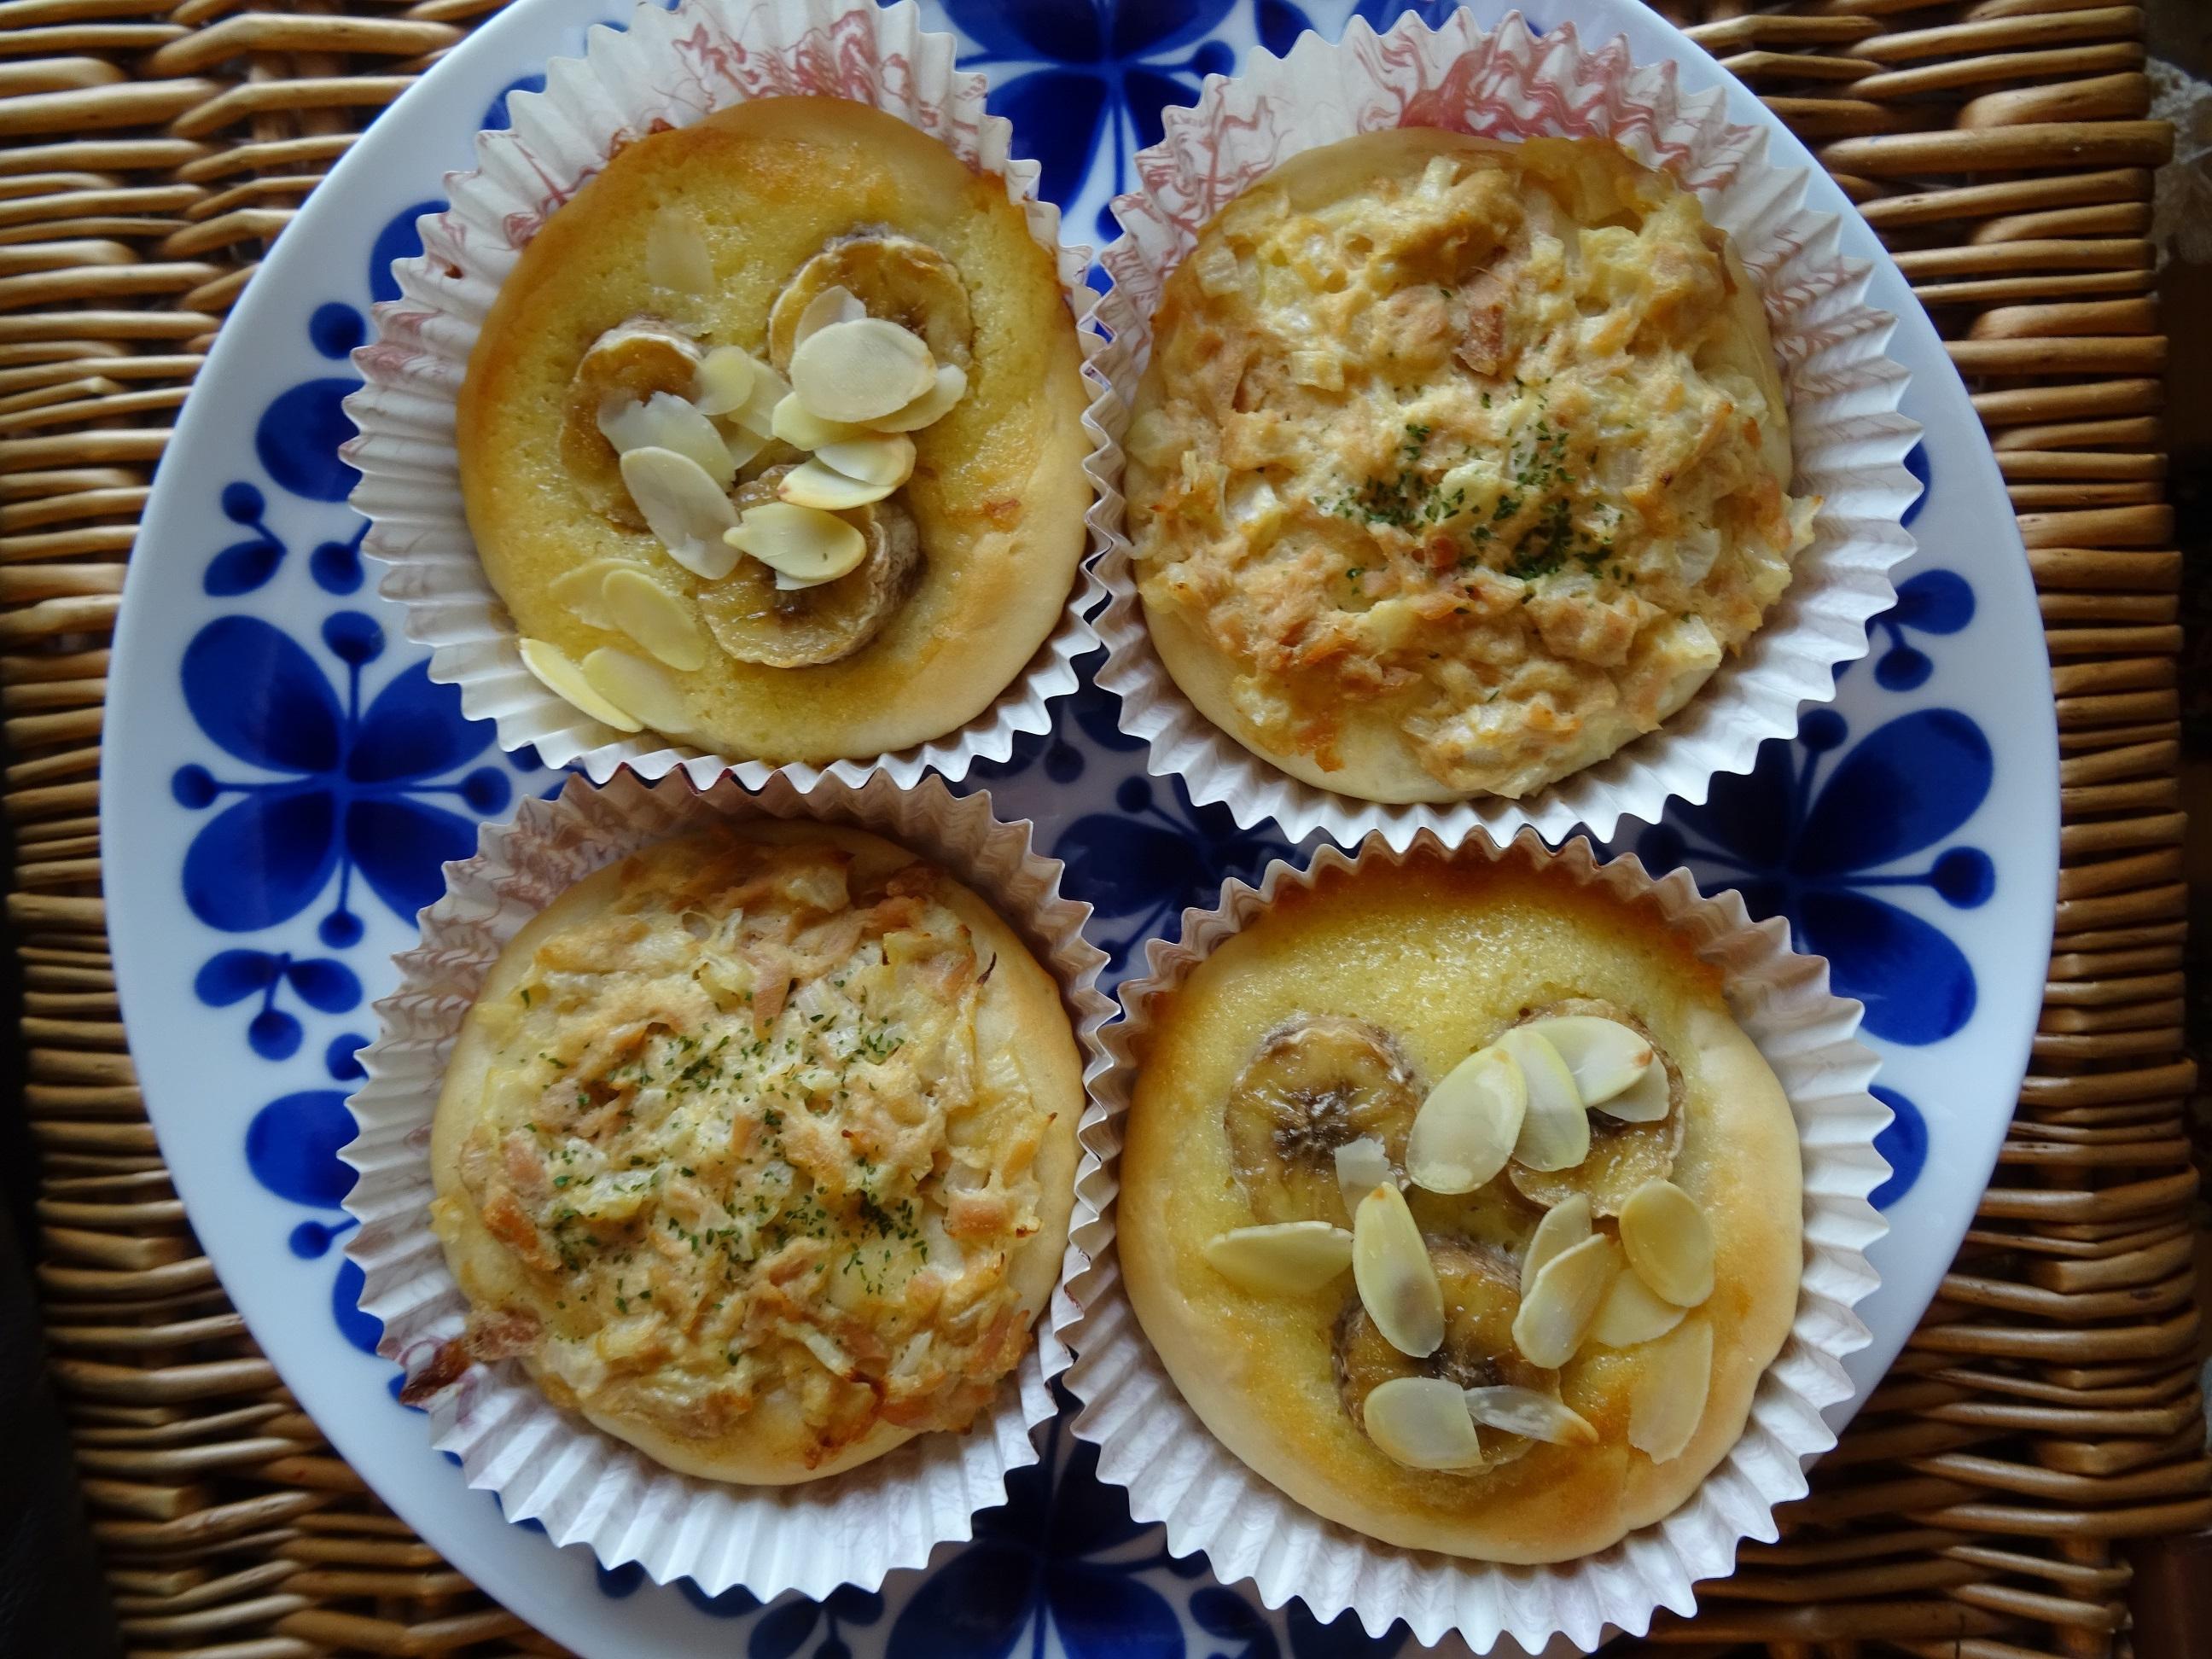 カップパン(ツナマヨ&バナナクリーム)3